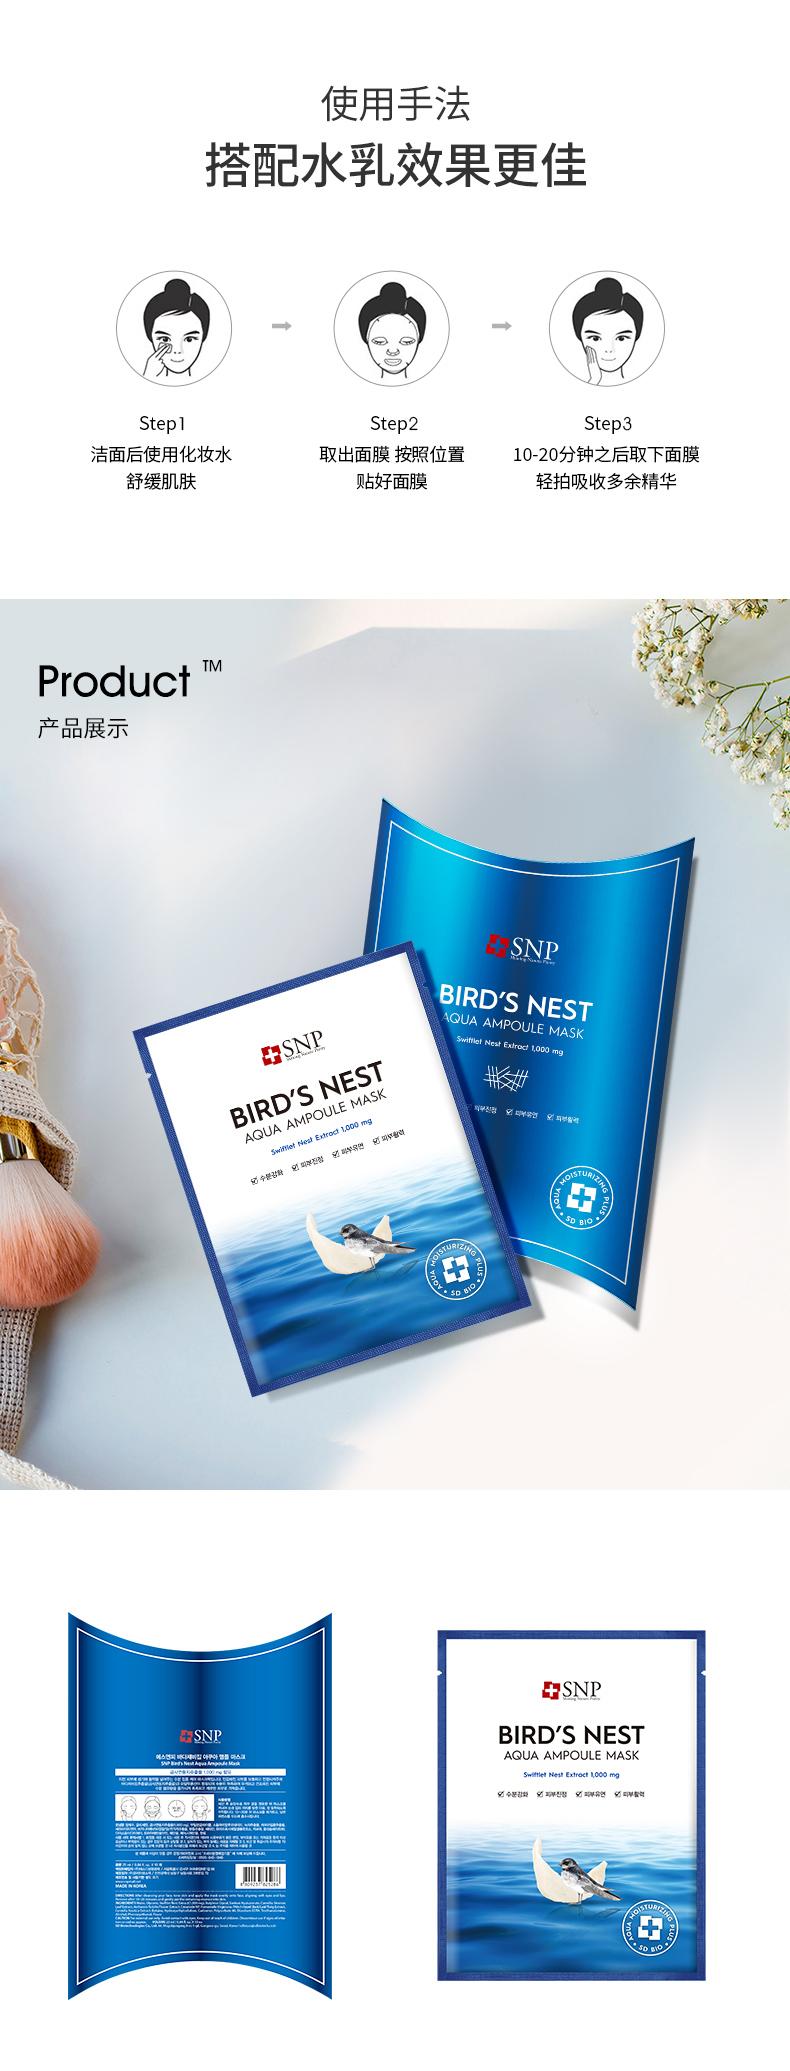 韩国海洋燕窝精华安瓶面膜保湿保湿滋养肌肤收缩毛孔片正品详细照片